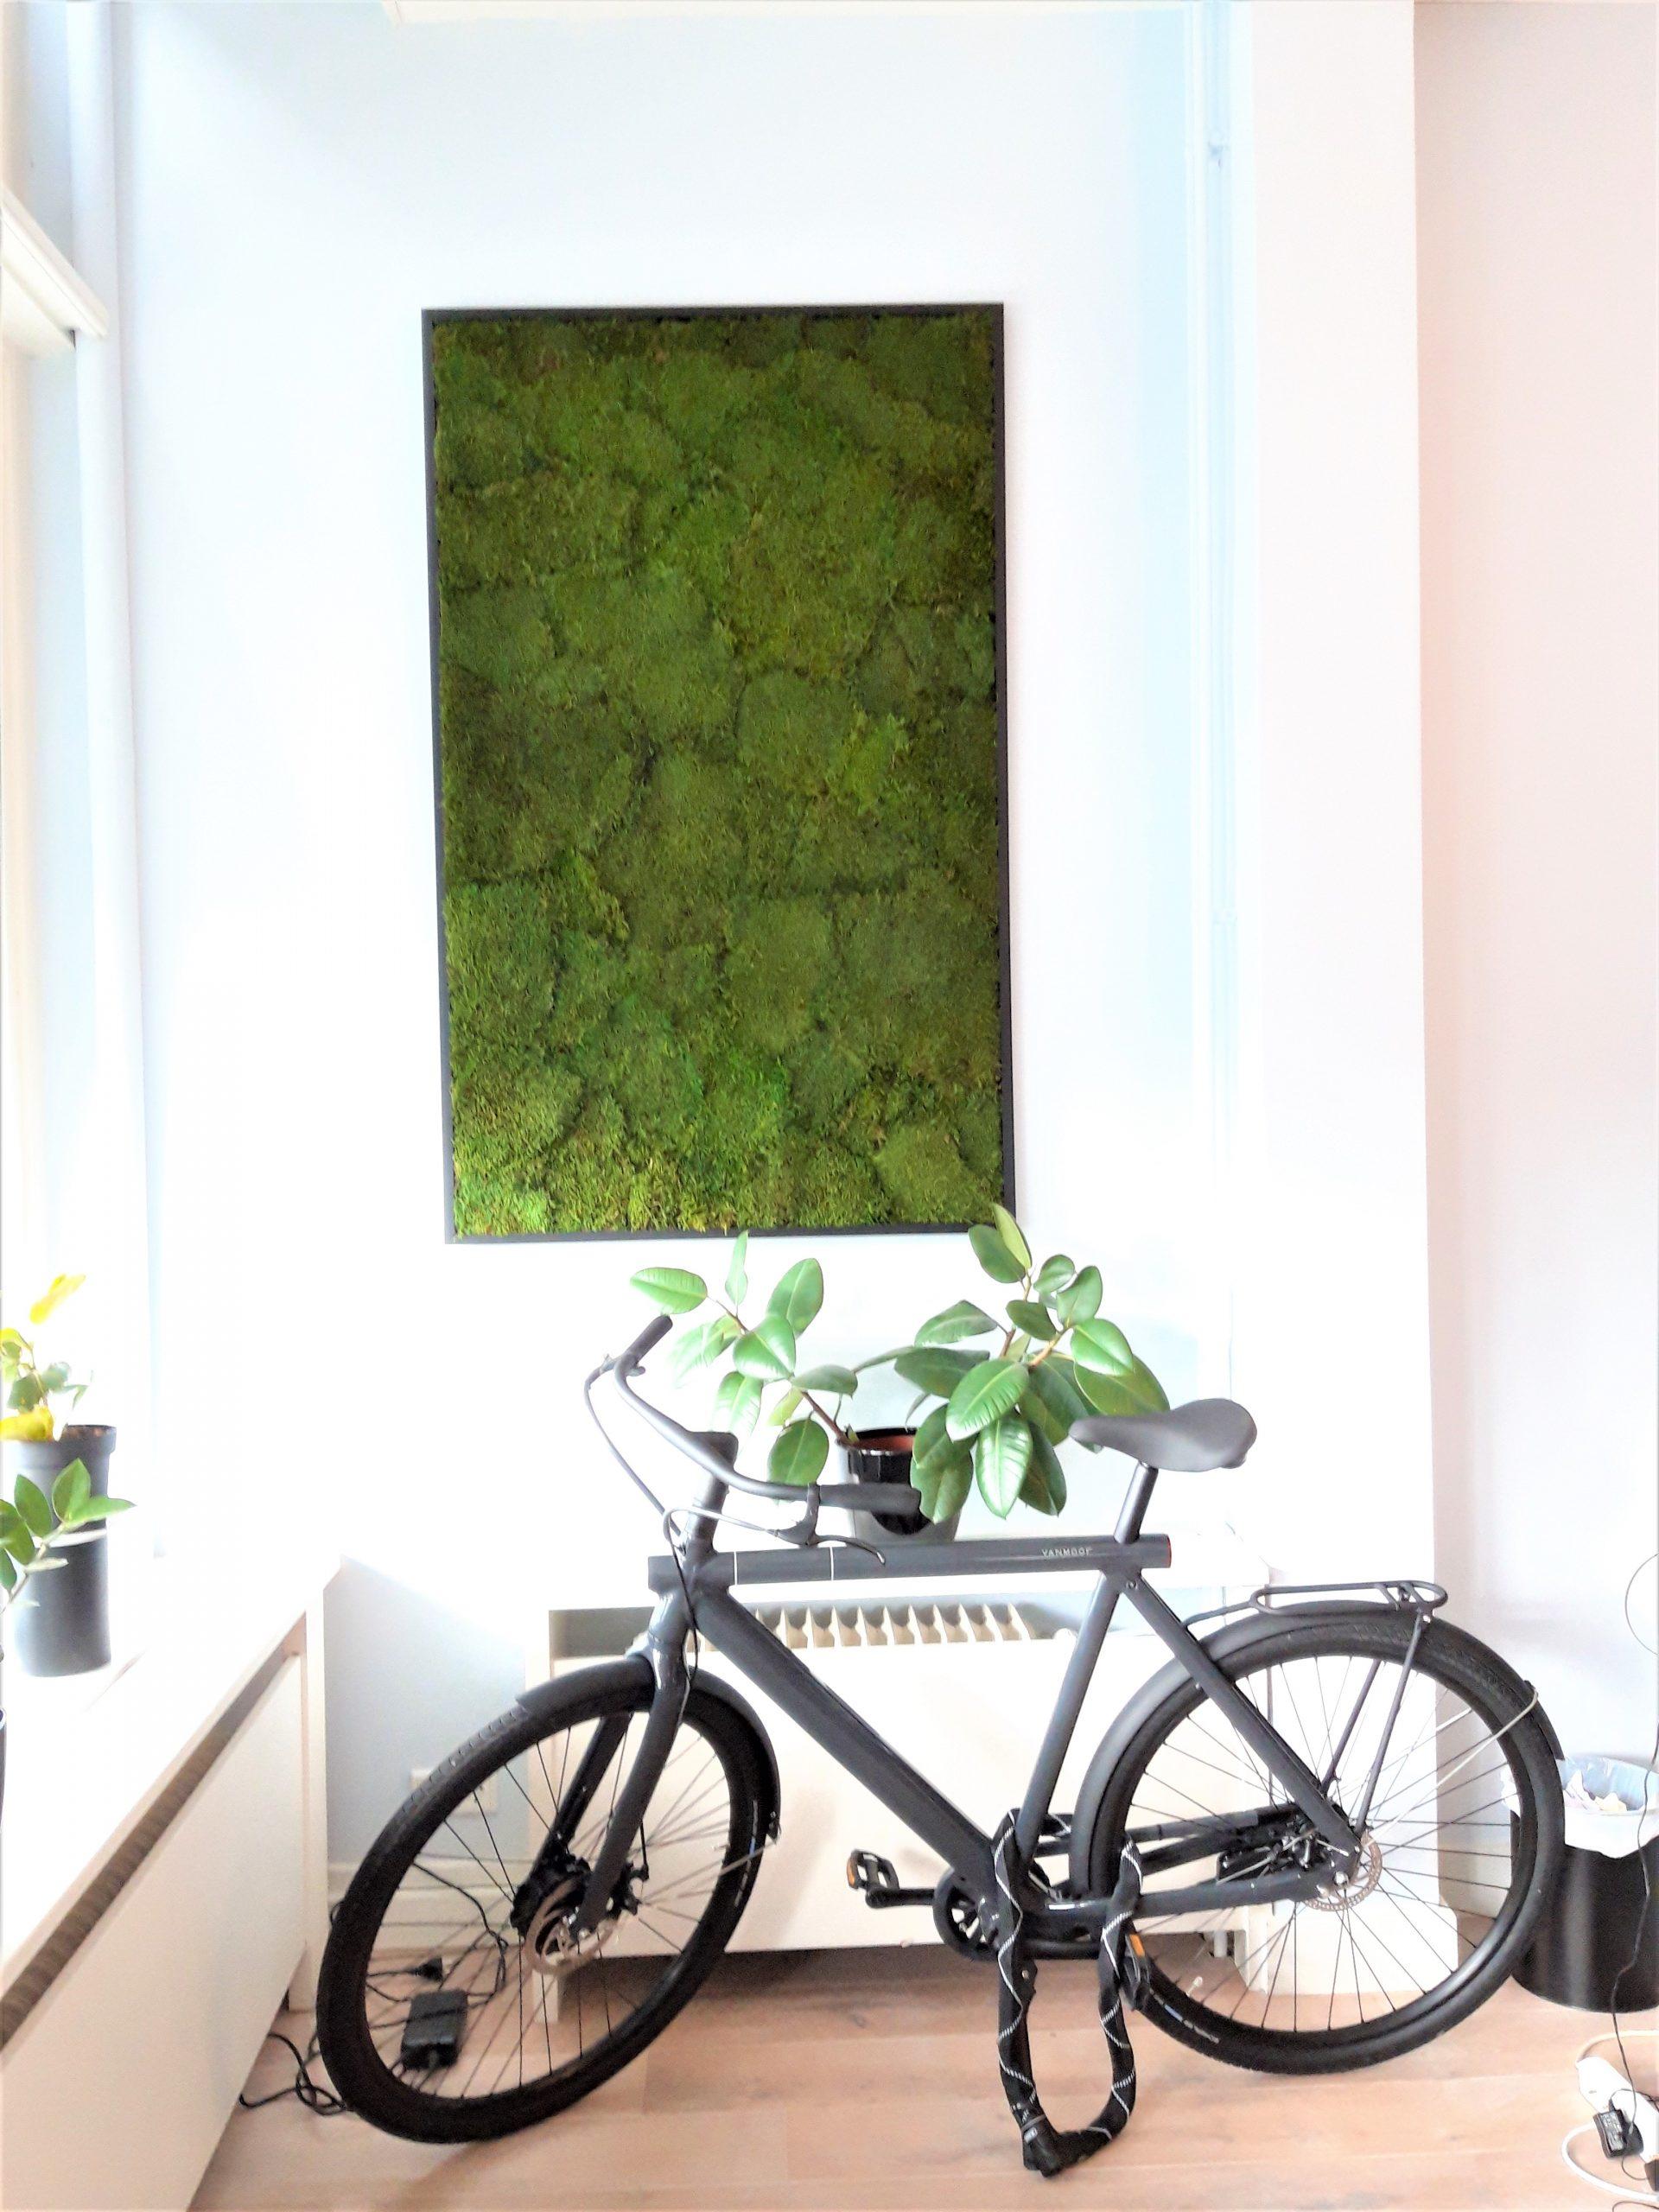 Mosschilderij met echt mos